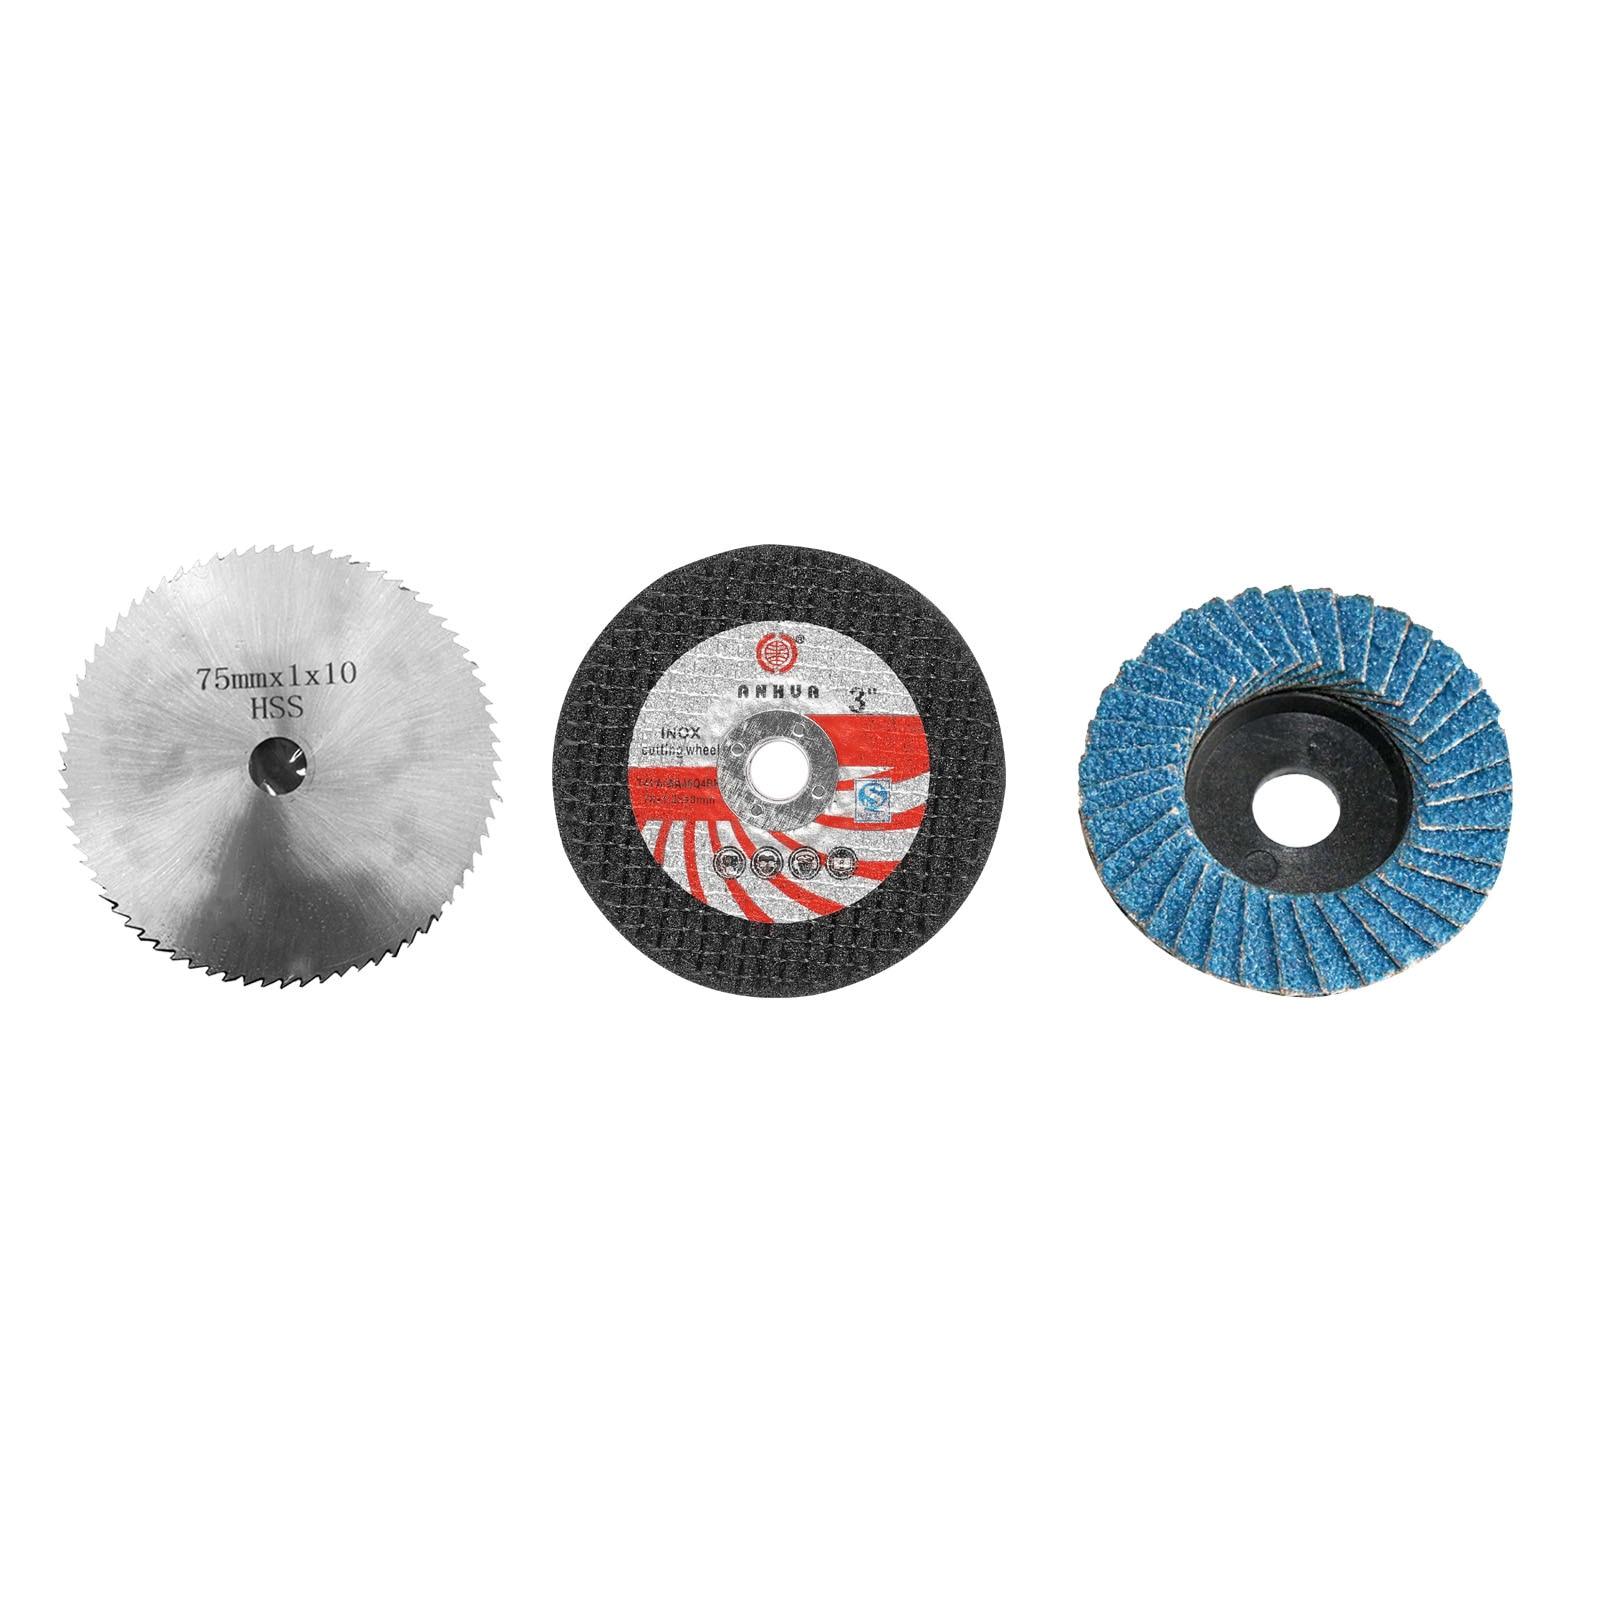 75 мм диаметр 10 мм Отверстие Шлифовальный Диск многофункциональная электрическая угловая шлифовальная машина насадка 3 дополнительно